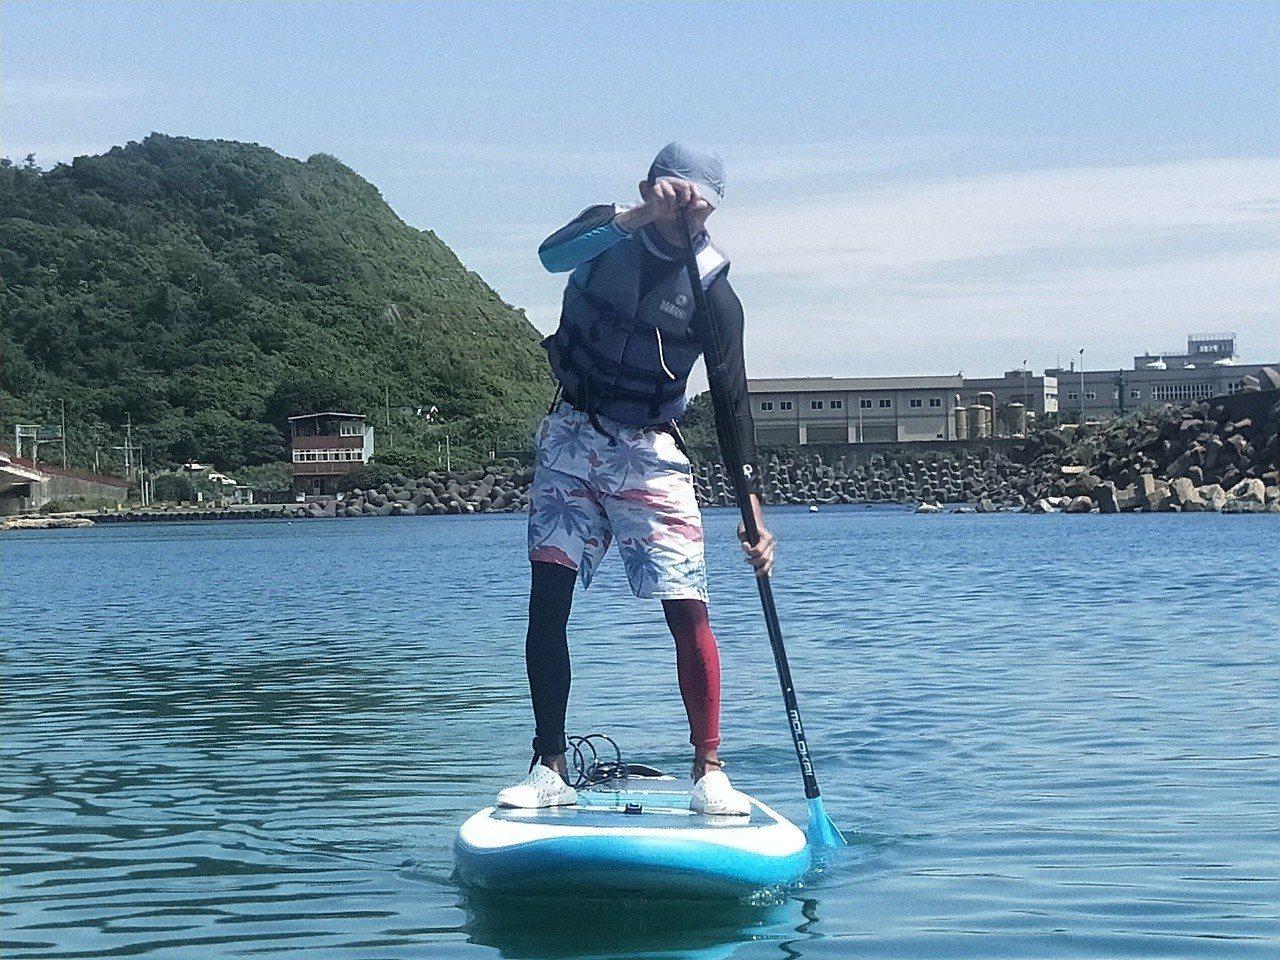 國立台灣海洋大學二年前引進SUP,成為體育正式課程,很受學生歡迎,一人及多人使用...